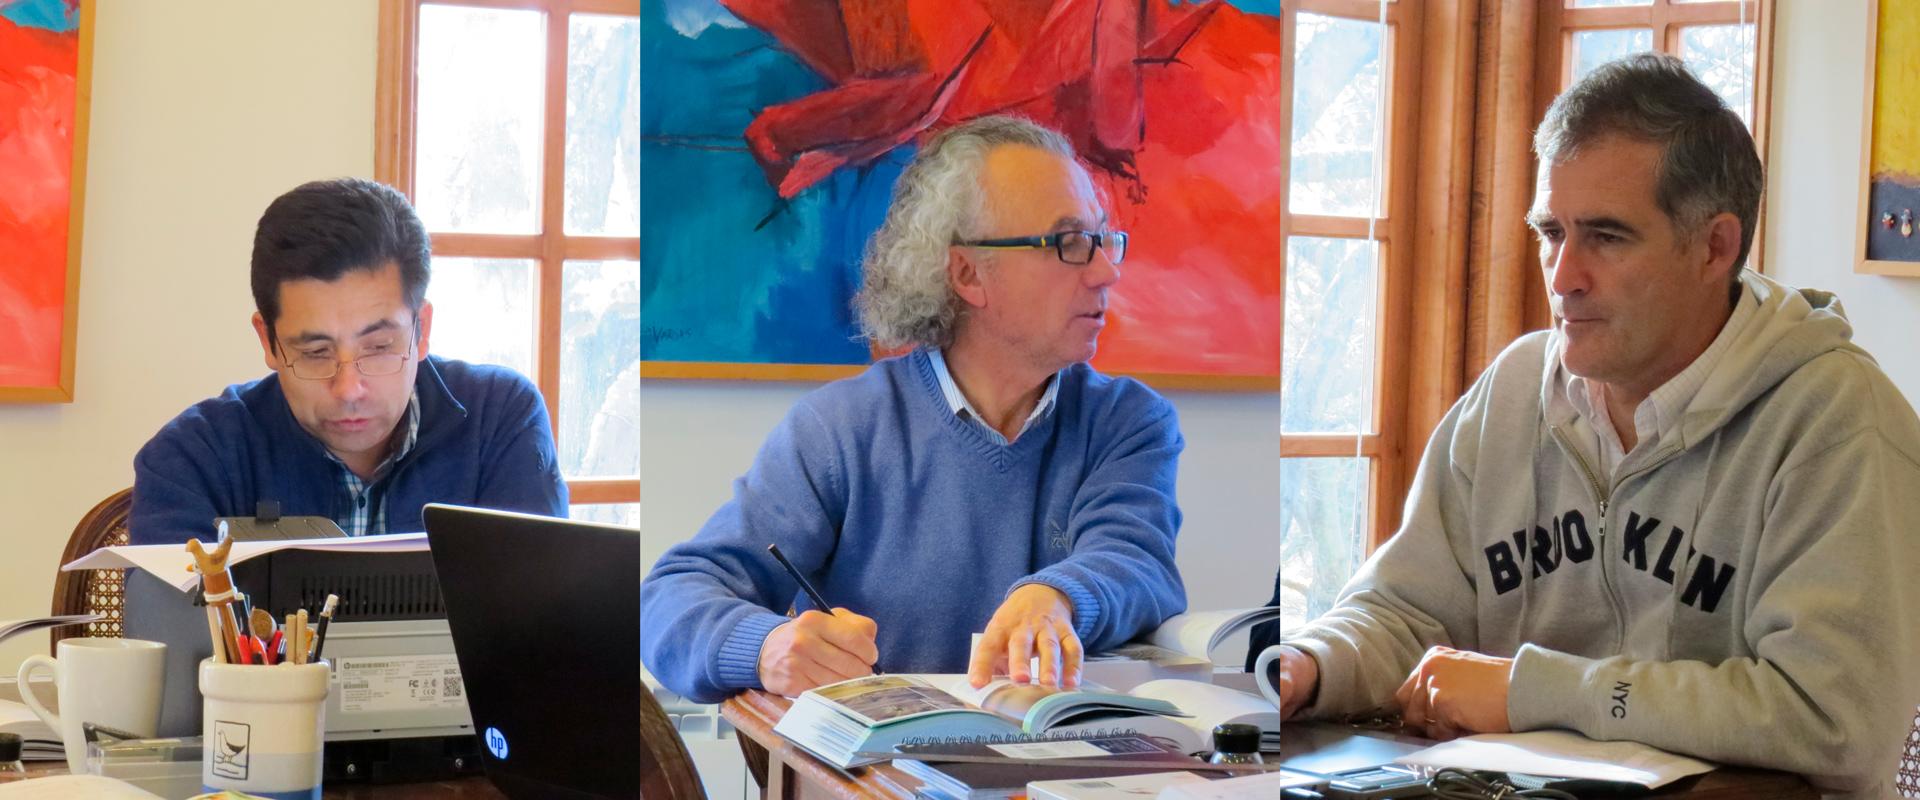 """Enrique Couve, Claudio F. Vidal & Jorge Ruiz T., autores de """"Aves de Chile, Sus Islas Oceánicas y Península Antártica"""" (FS Editorial, 2016)"""